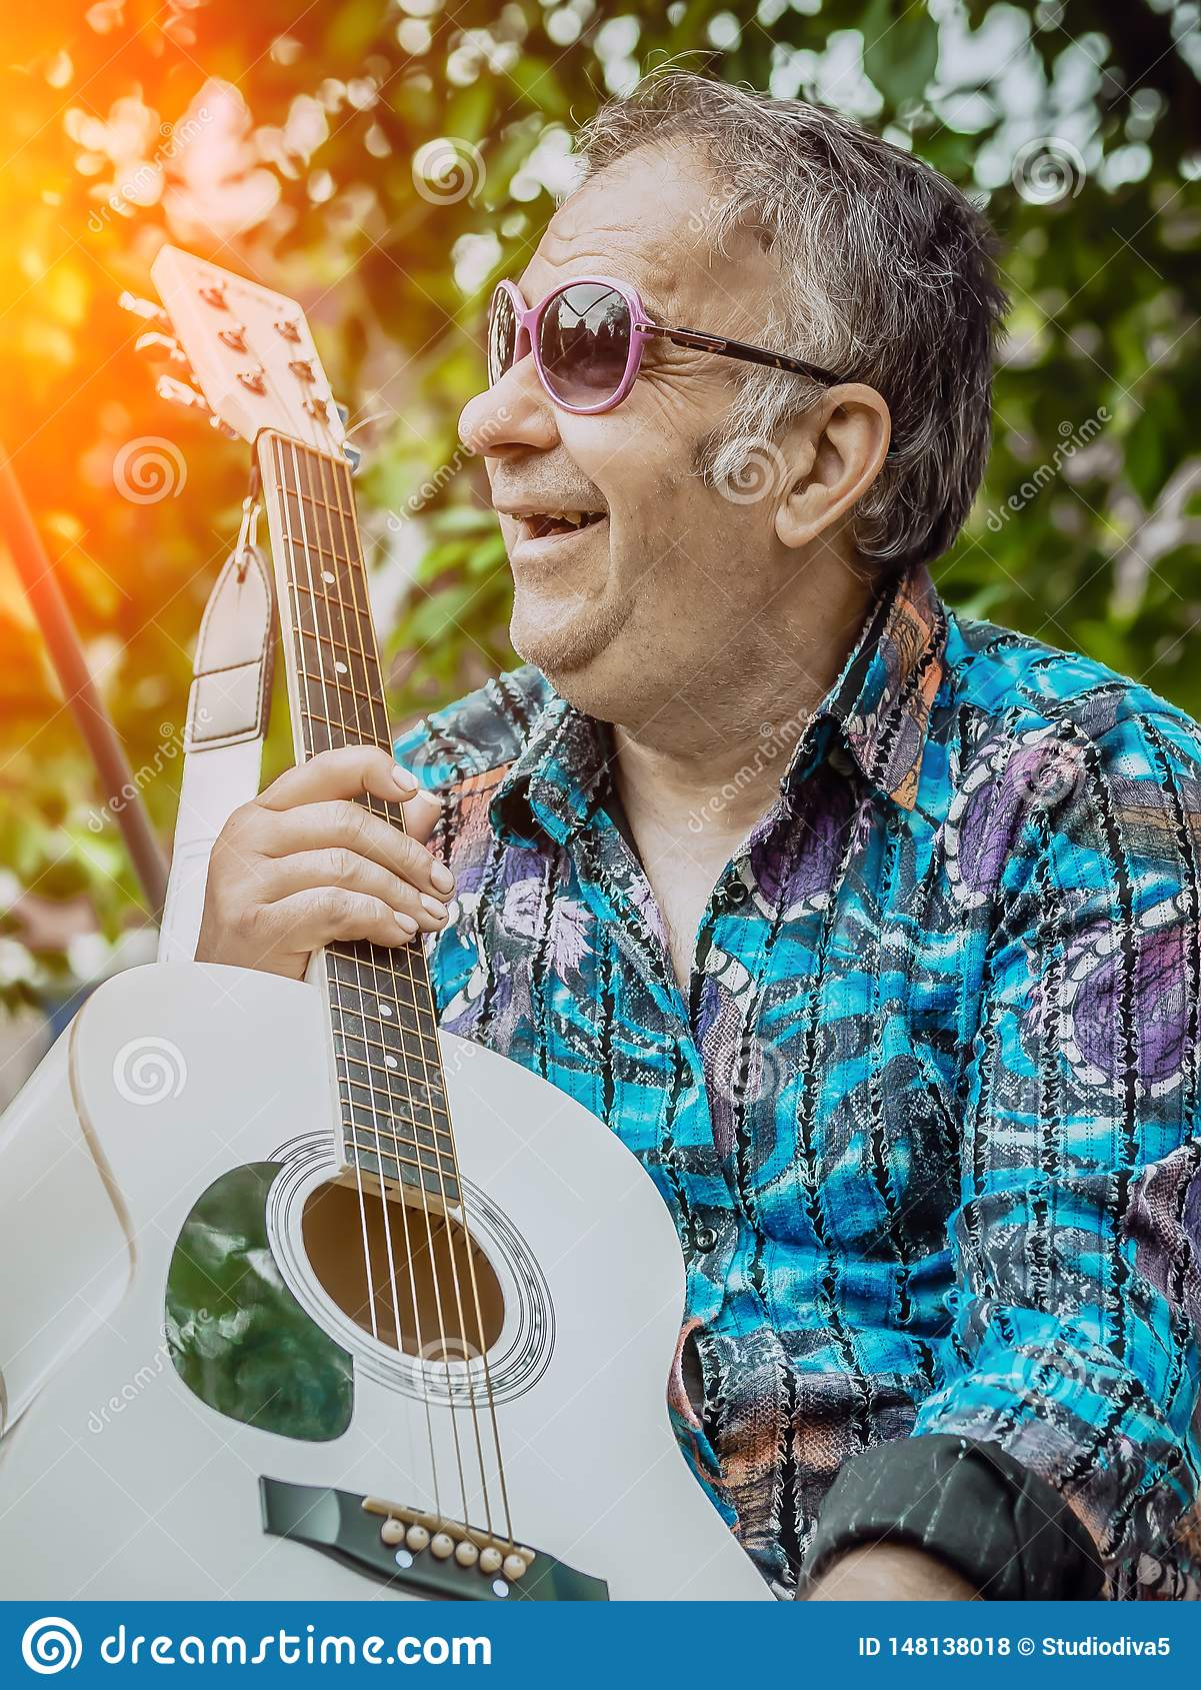 An old man with a guitar enjoys life